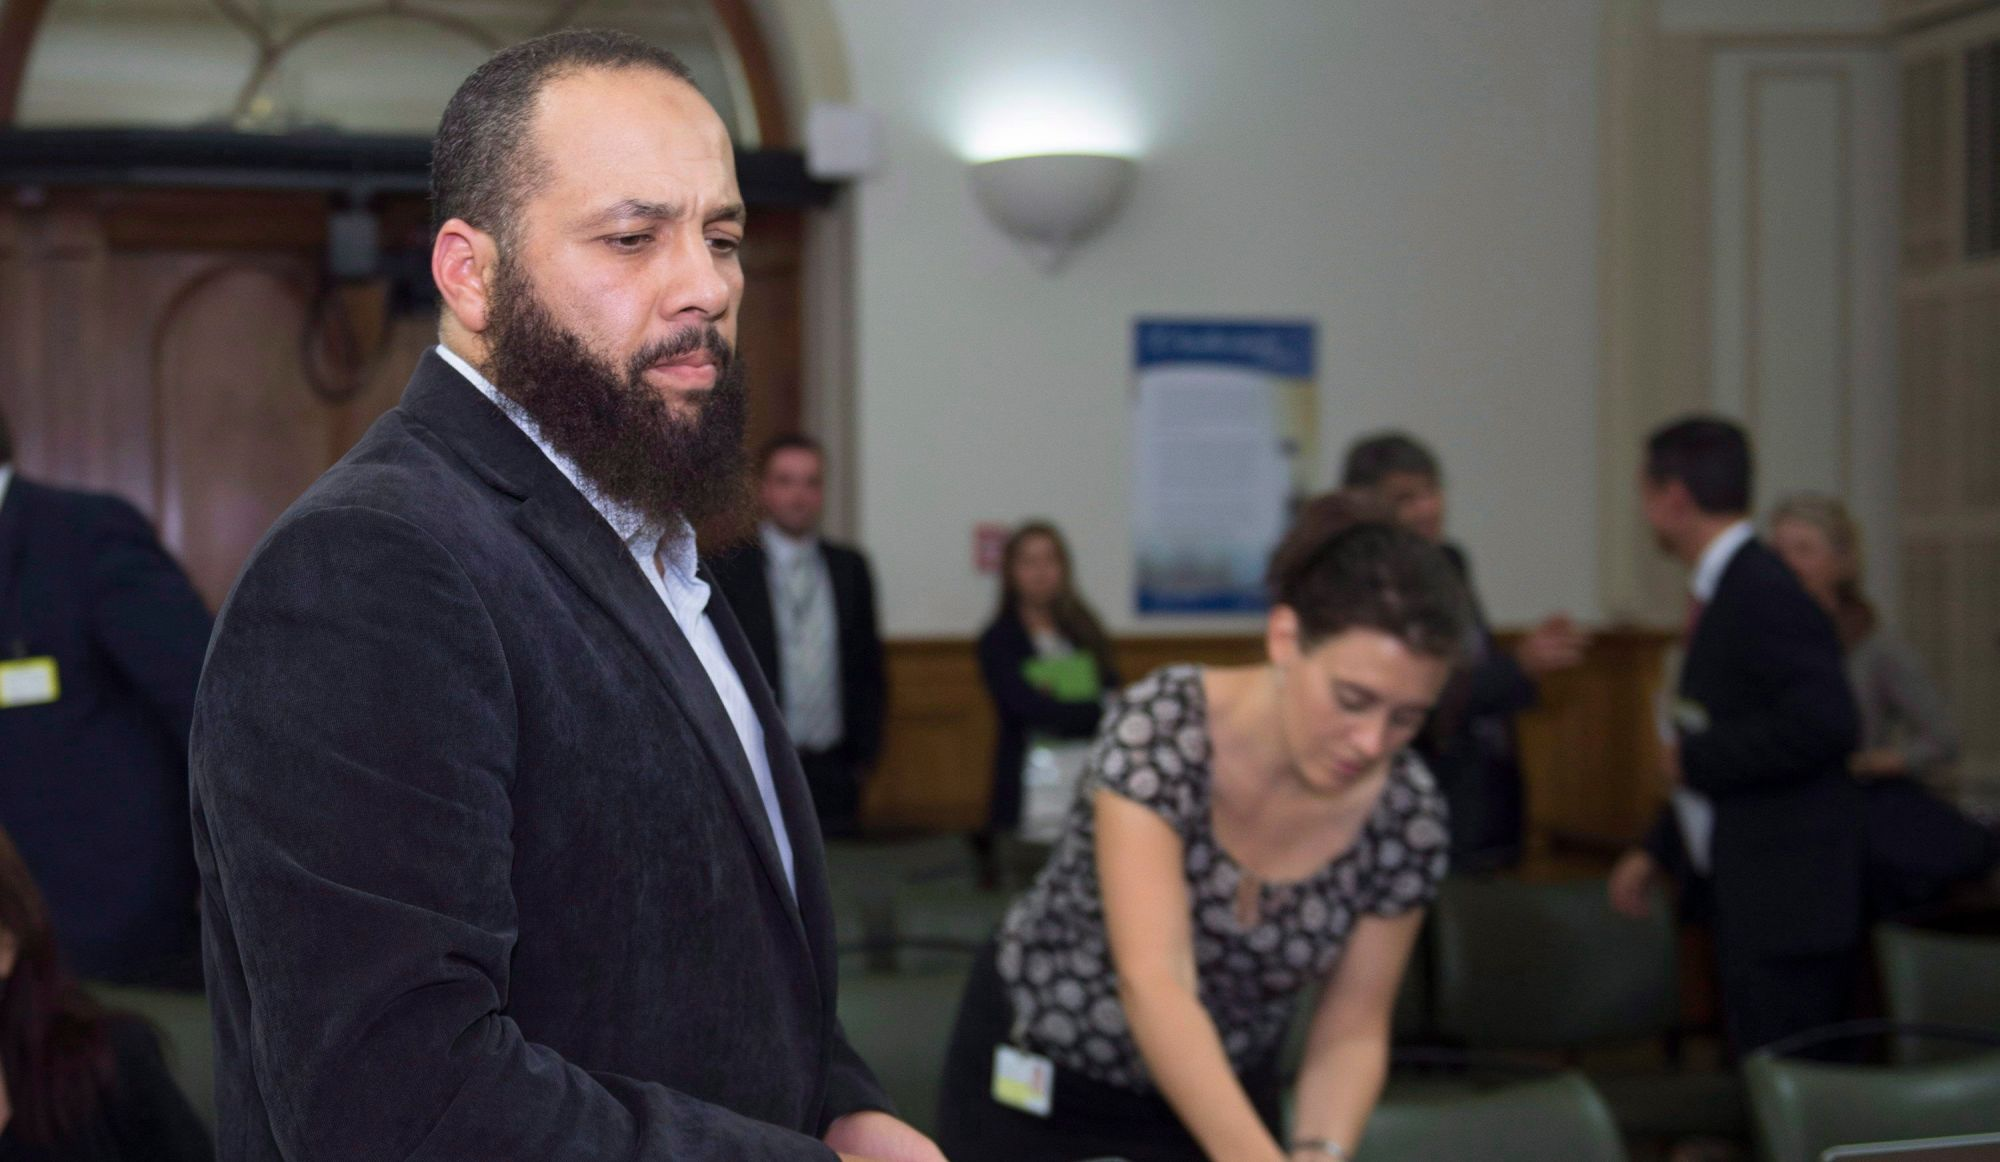 Le tribunal acquitte Adil Charkaoui d'accusations de voies de fait